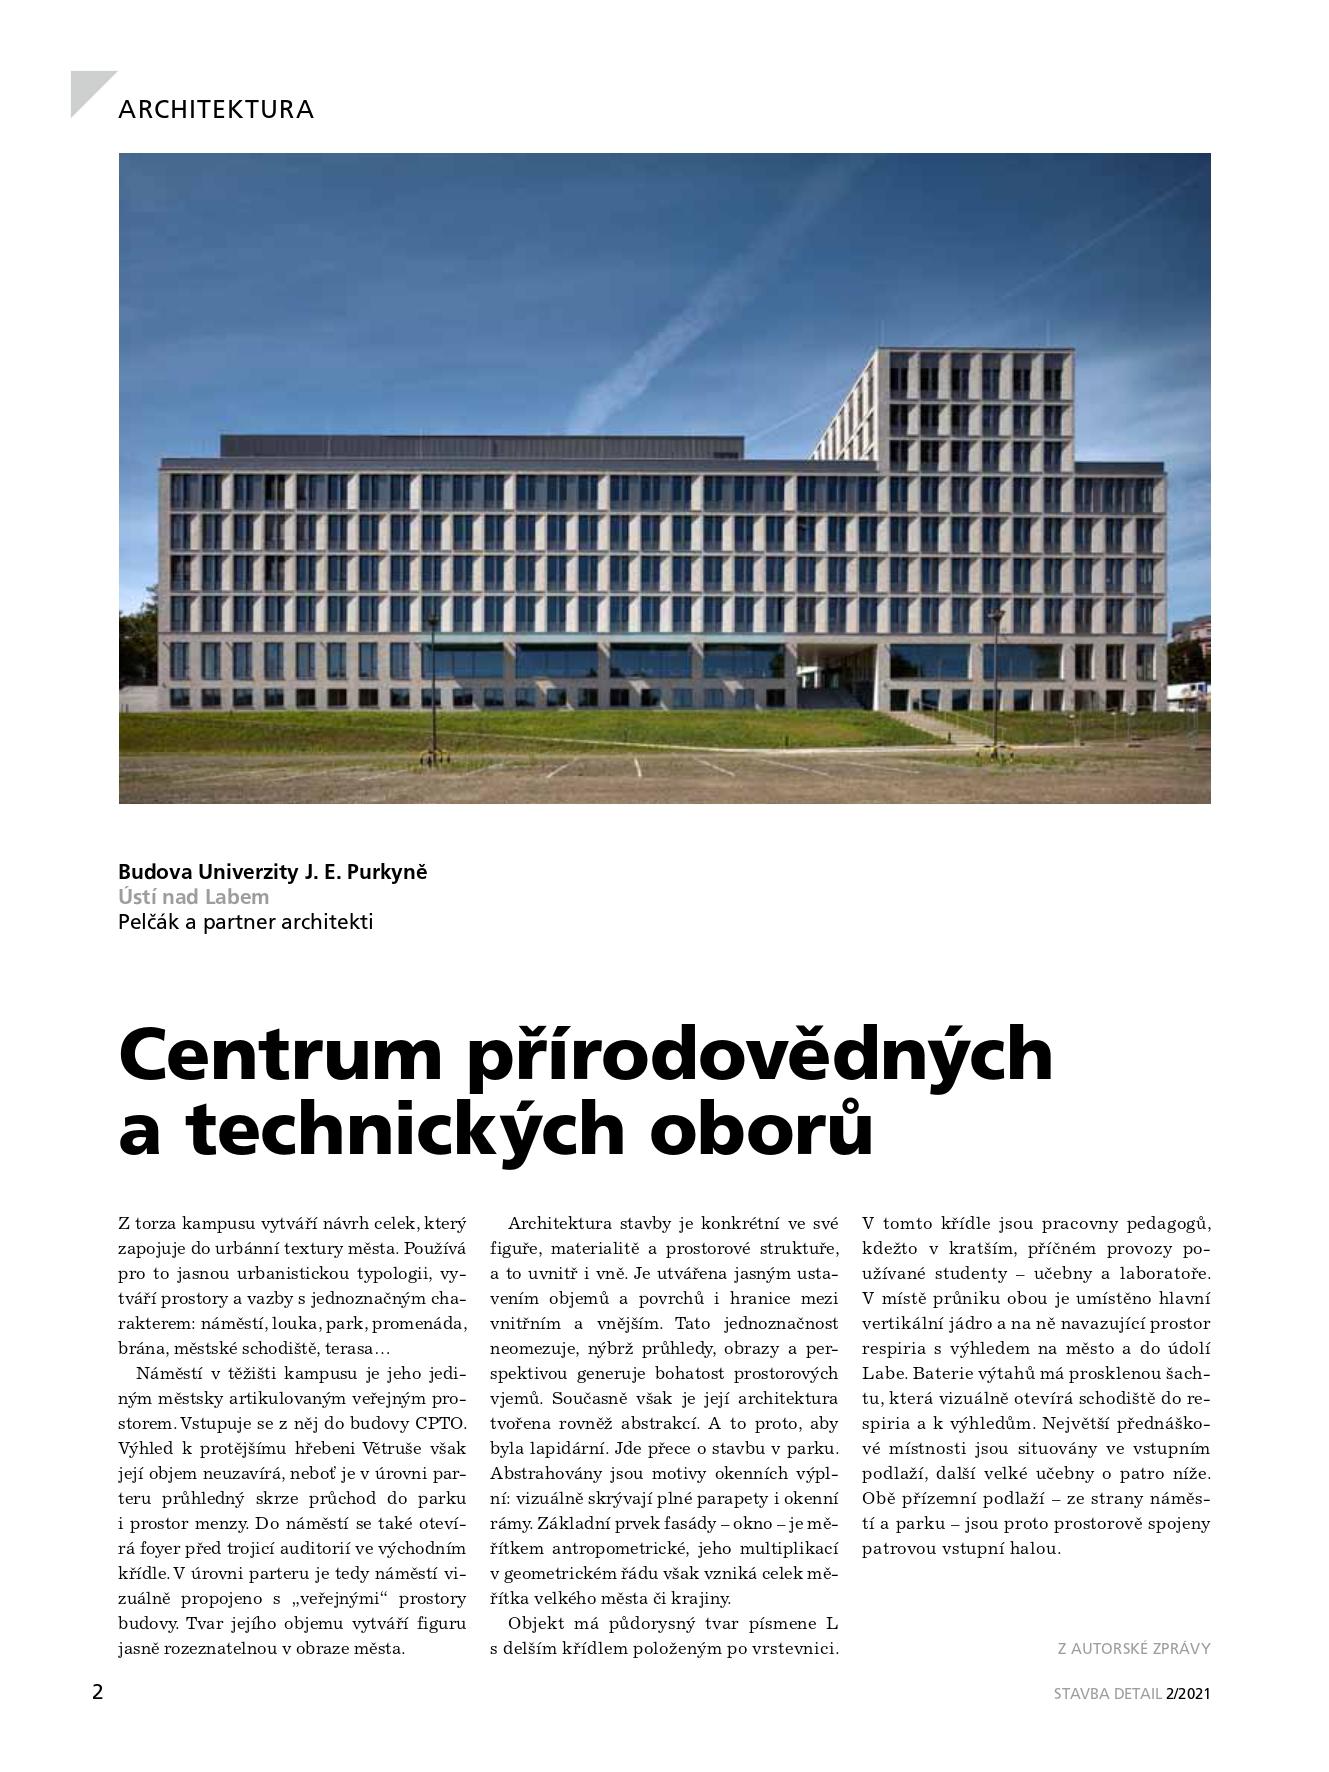 Budova univerzity J.E. Purkyně včasopise STAVBA ana EARCH.CZ